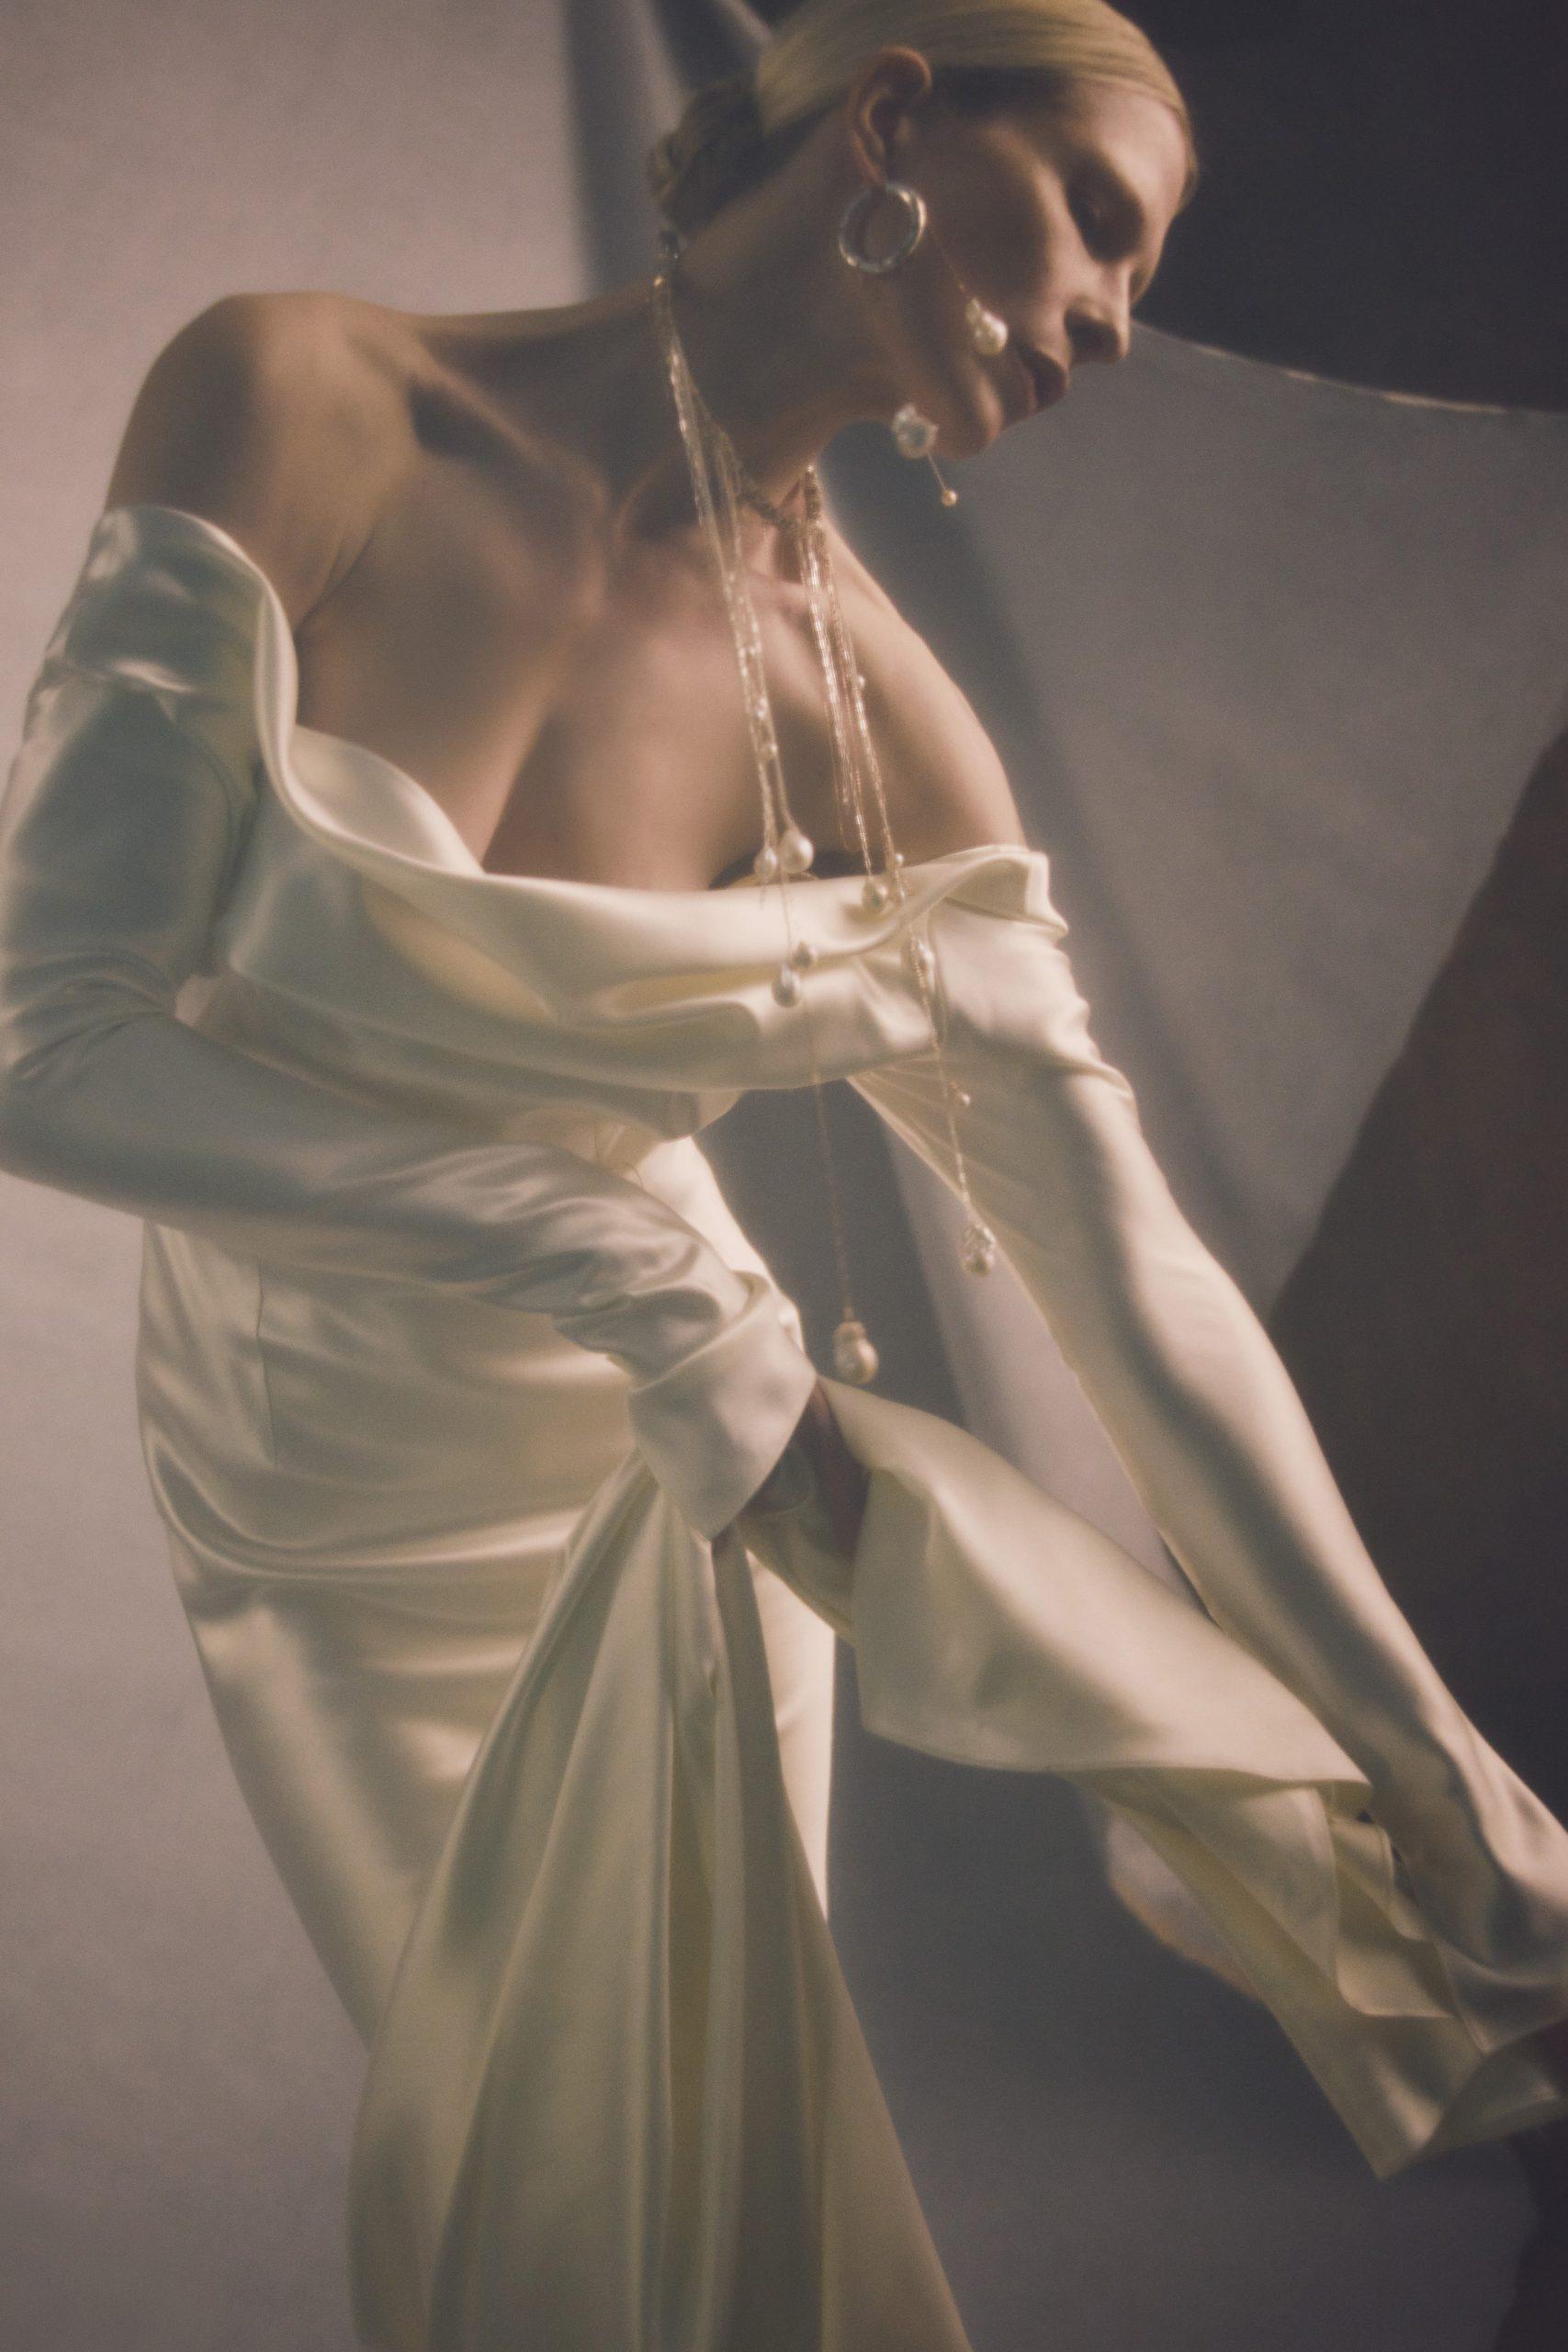 Danielle Frankel colección otoño 2021, vestidos de novia Danielle Frankel otoño 2021 - Wedding Hub - 024